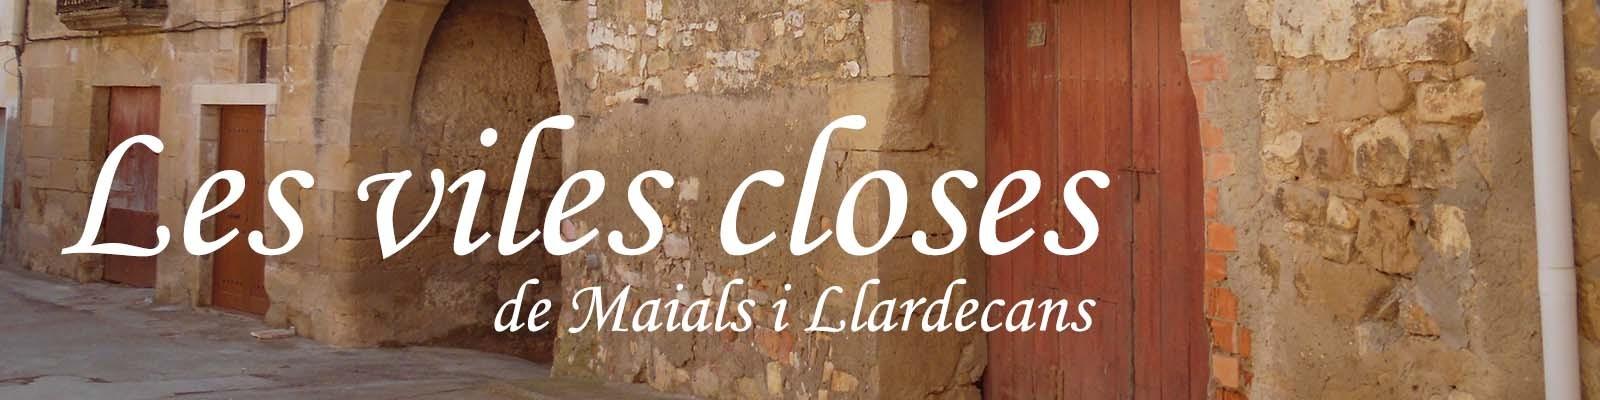 Les viles closes de Maials i Llardecans